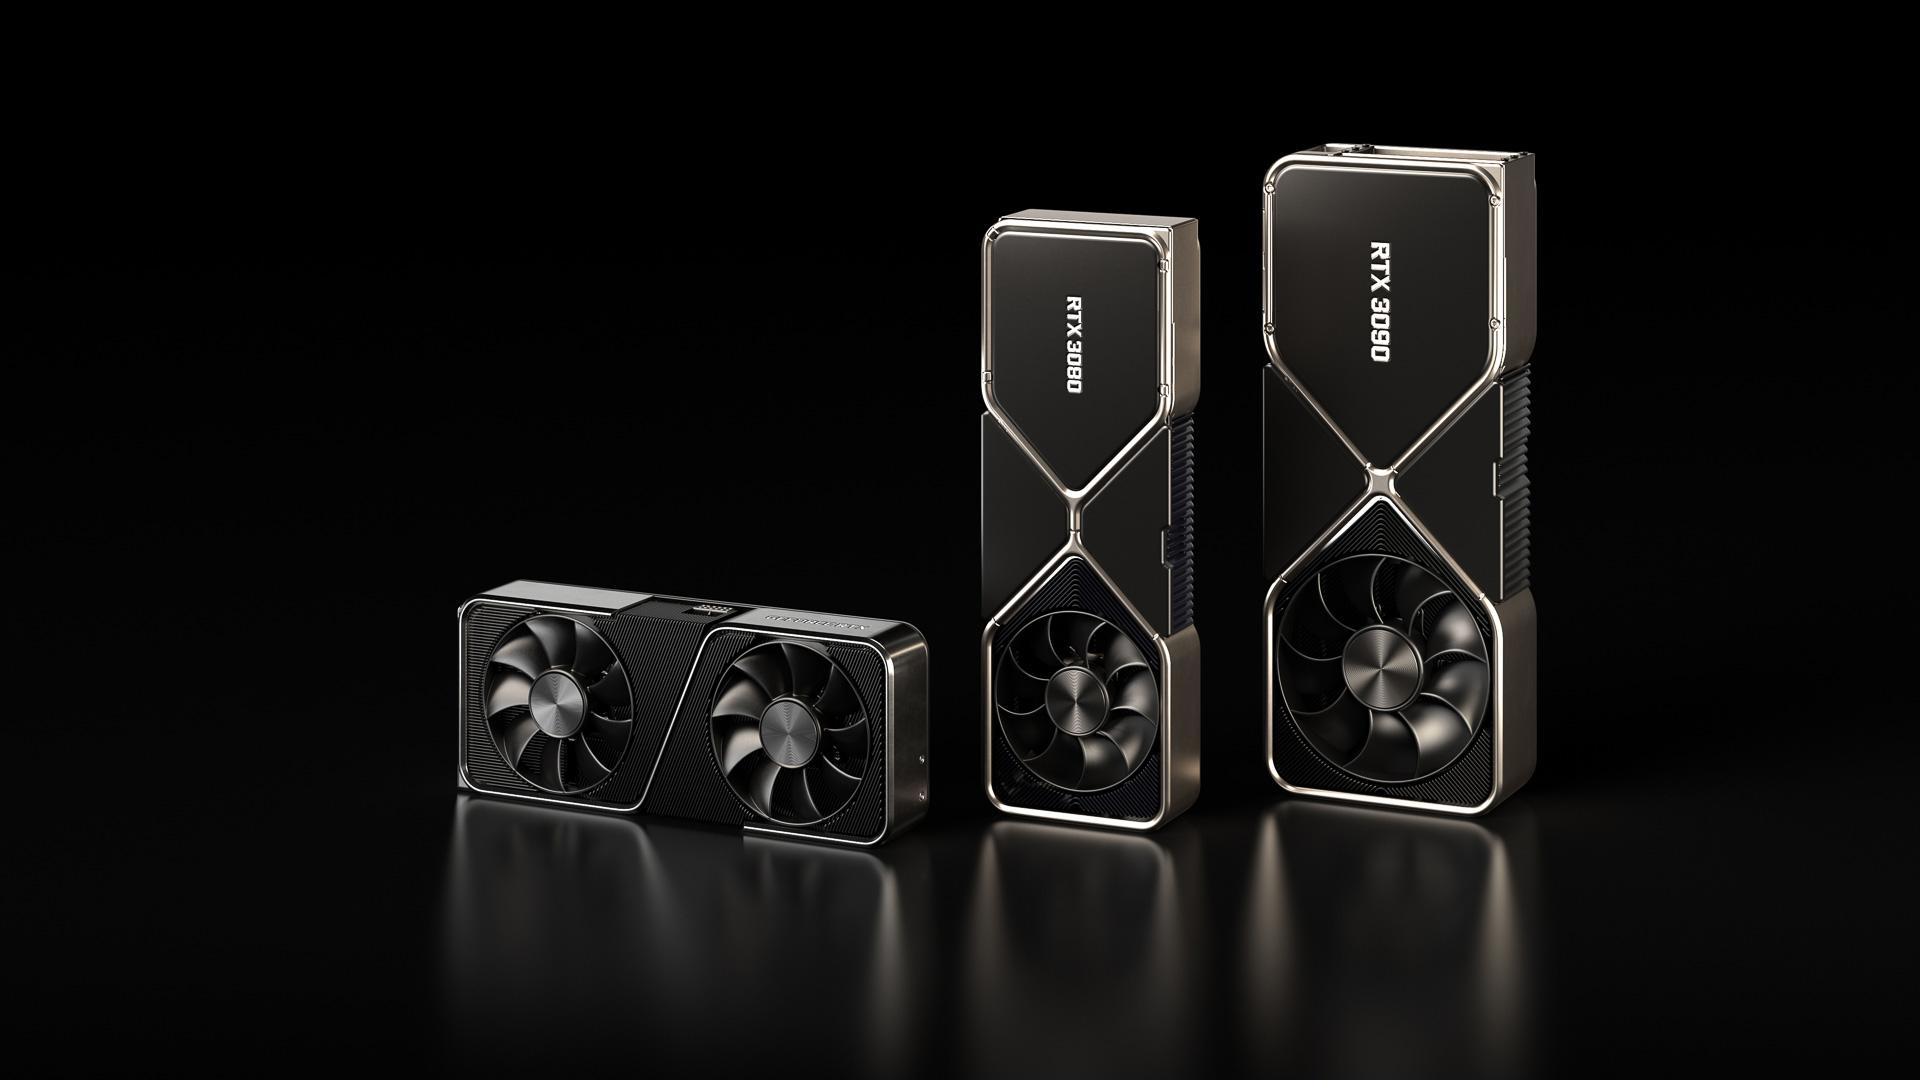 NVIDIAが発表したGeForce RTX 30シリーズ、GeForce RTX 3090、GeForce RTX 3080、GeForce RTX 3070の3つの製品ラインナップが用意されている